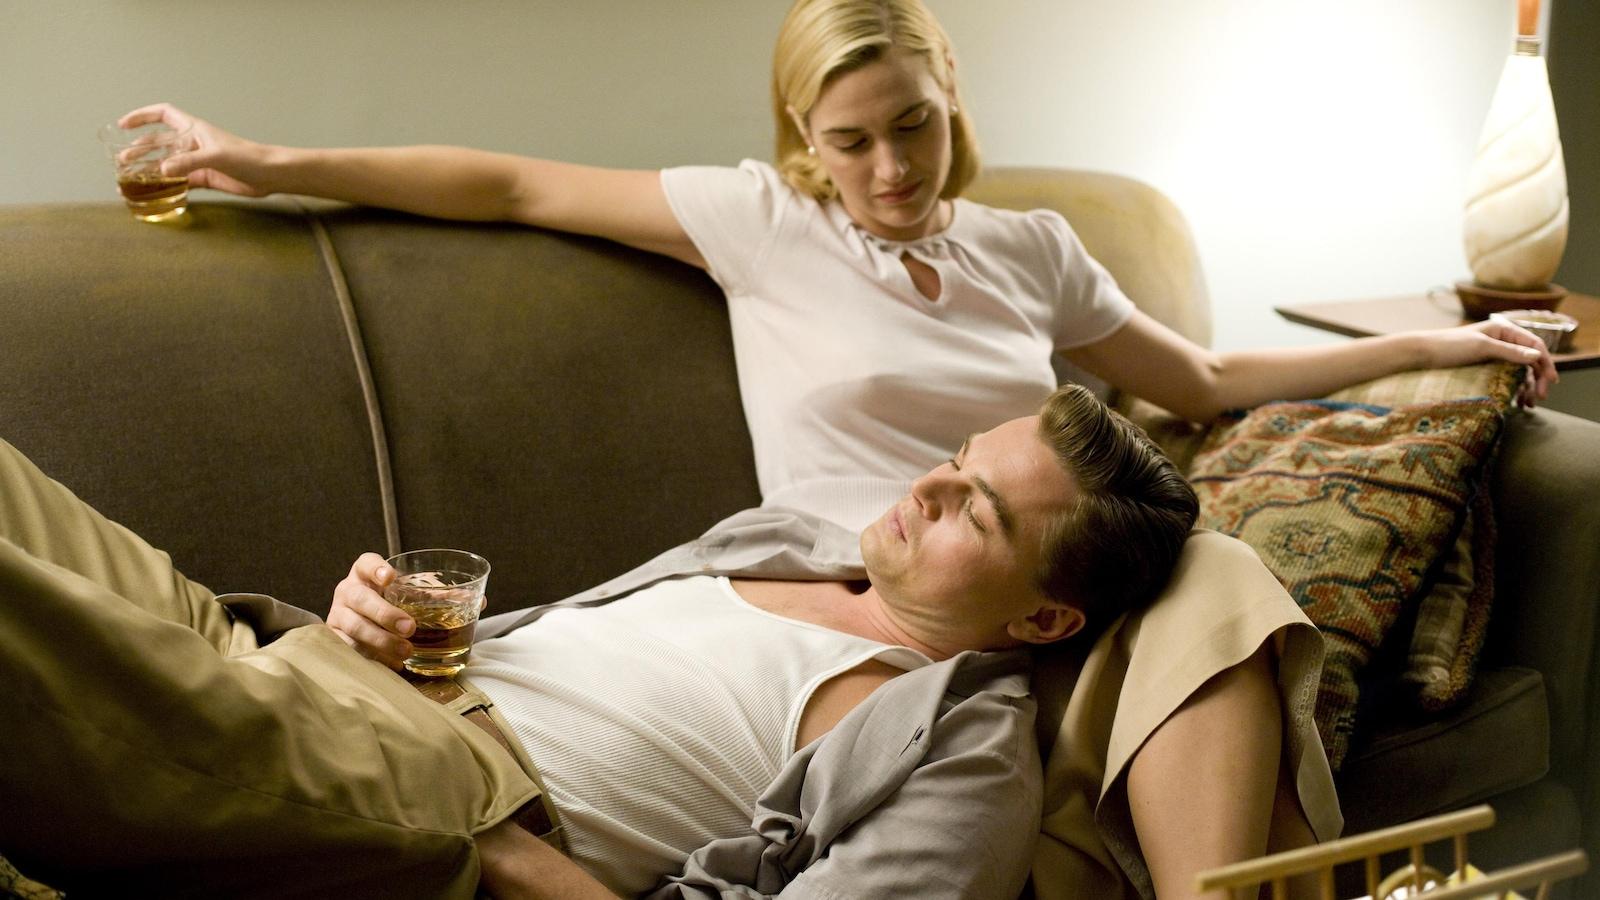 Une femme assise sur un canapé, un homme allongé la tête sur ses genoux, un verre d'alcool dans les mains.